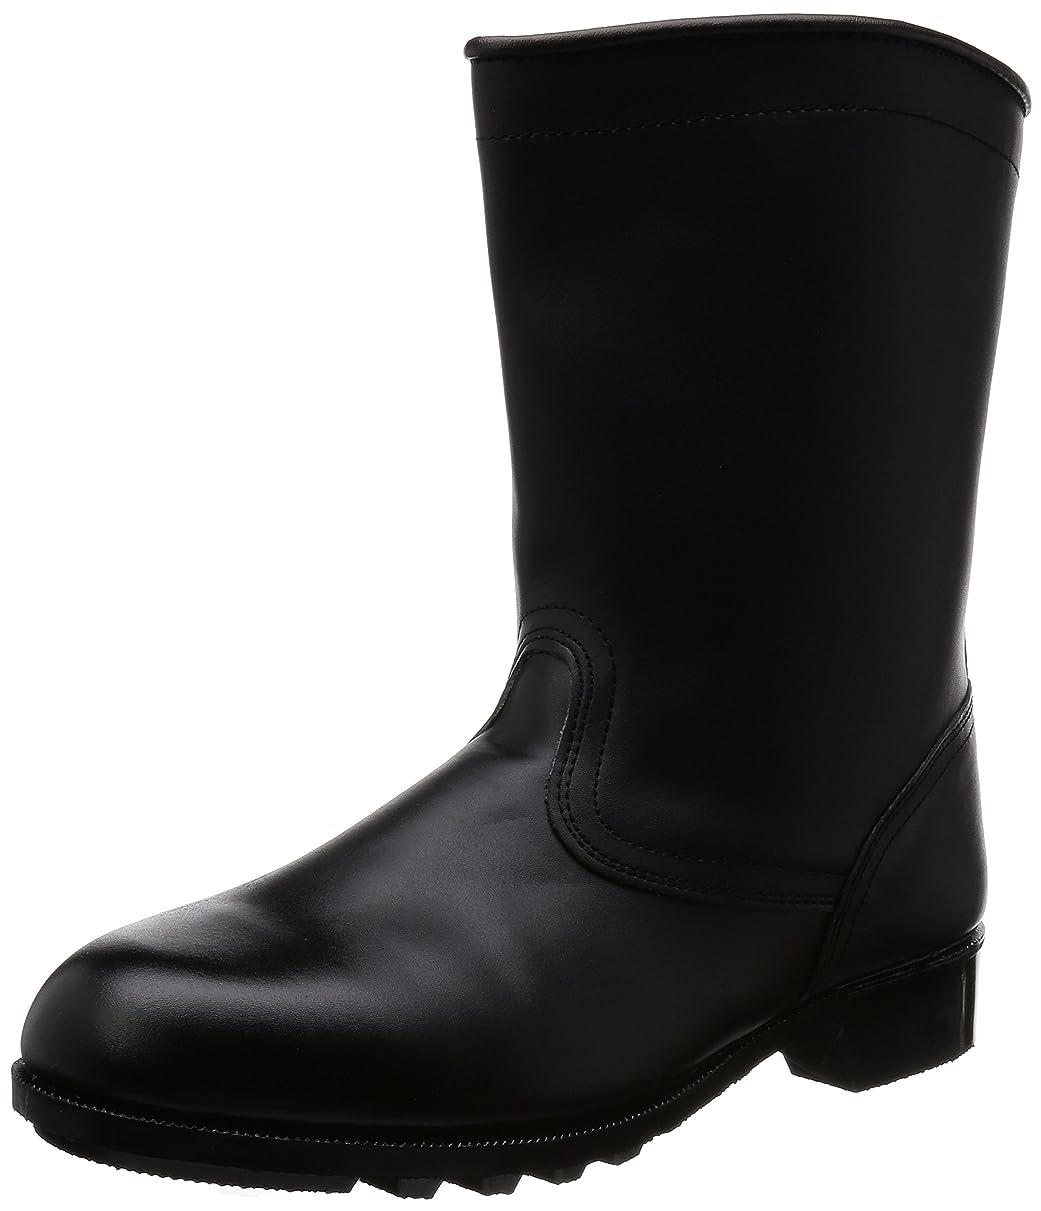 二週間すぐにばかげている軽作業用半長靴 M311 6B071 メンズ